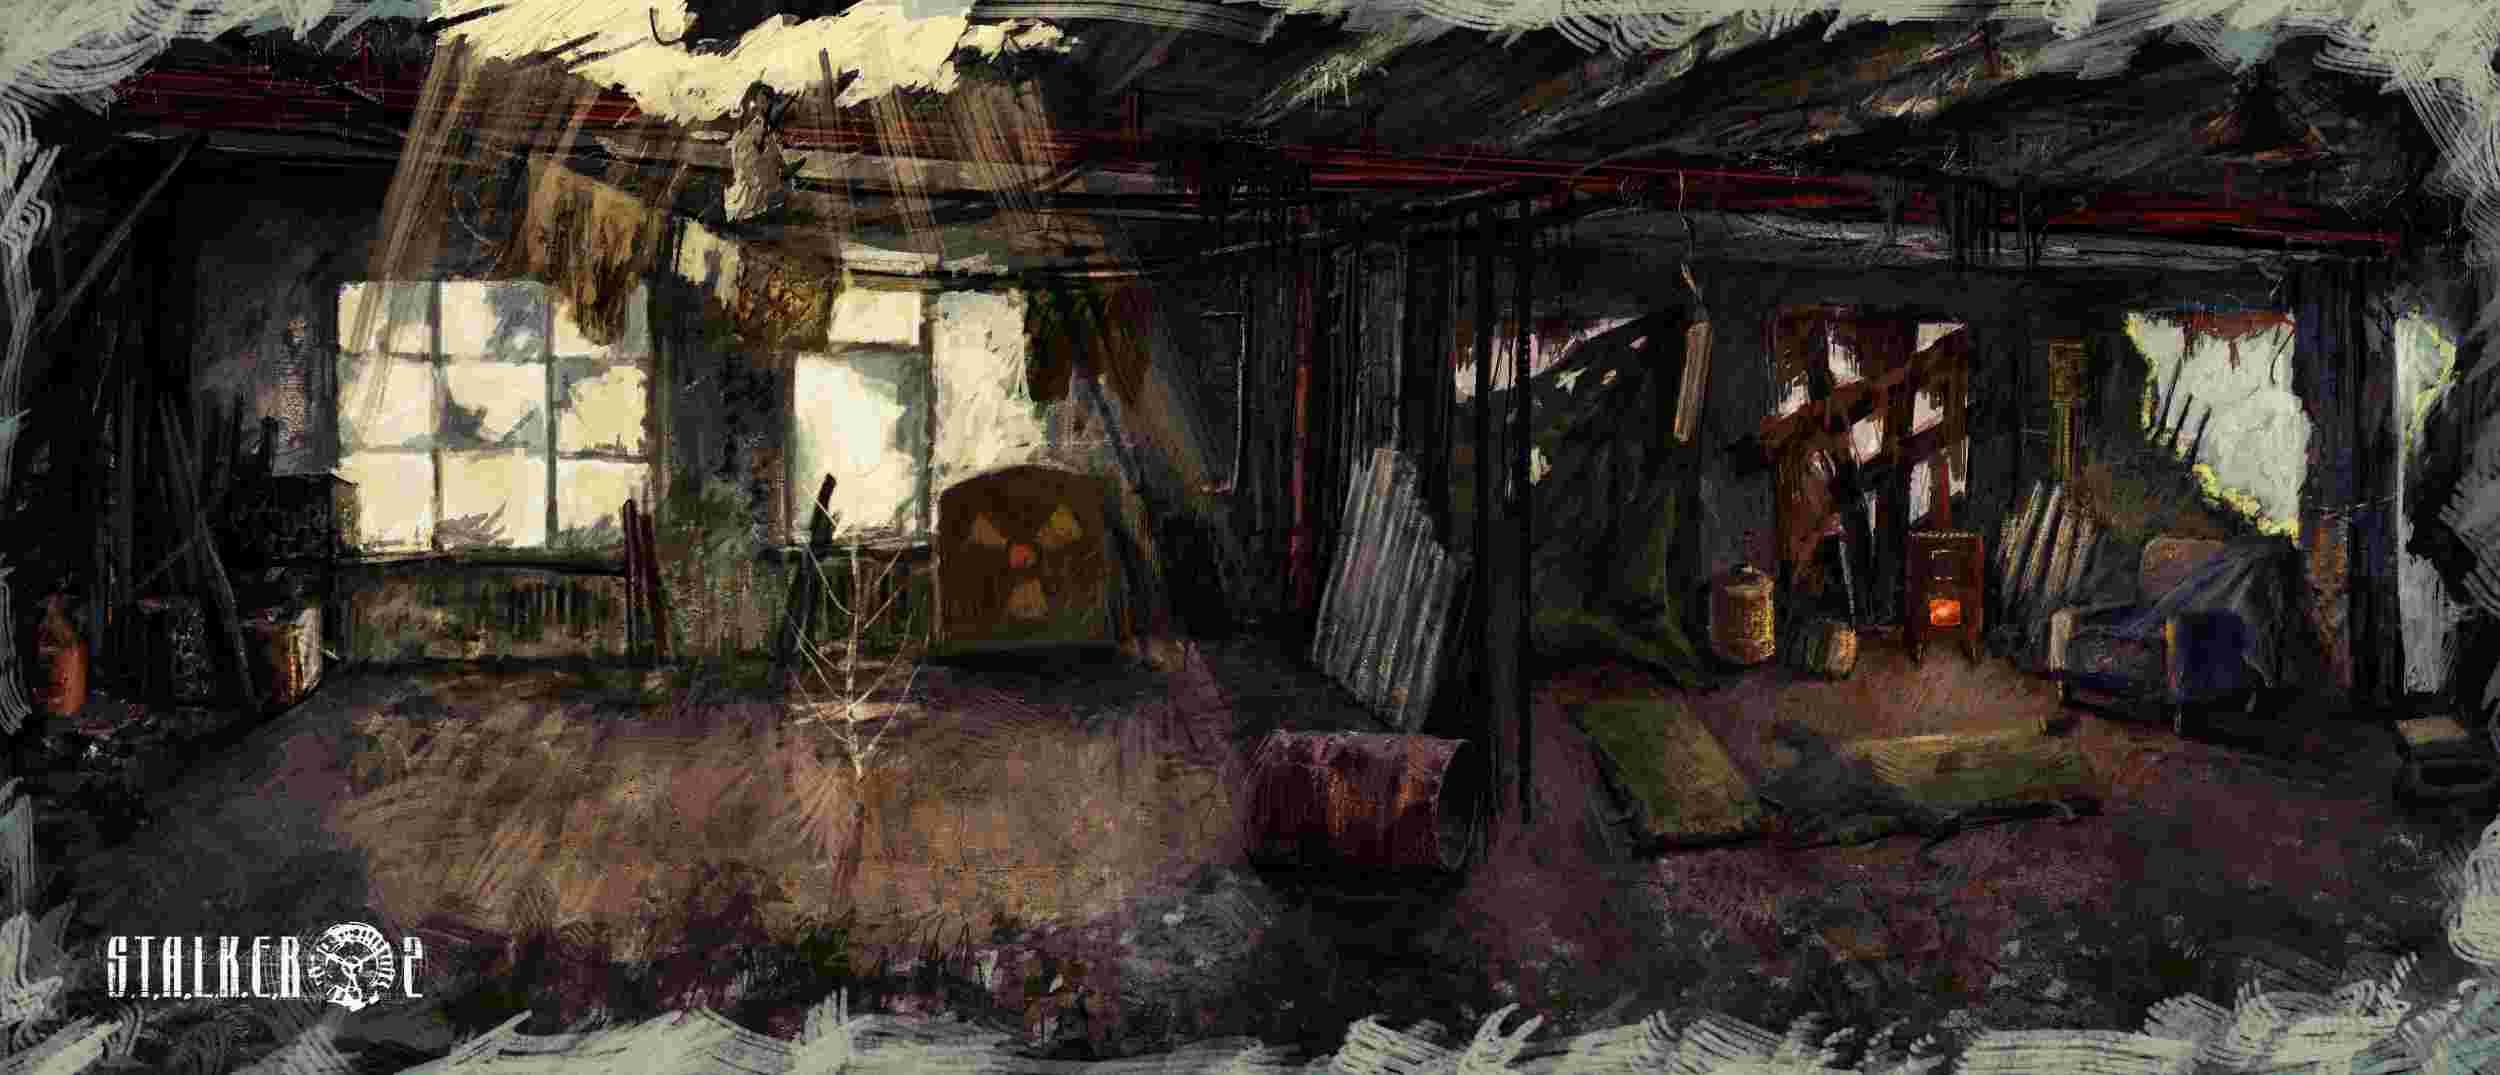 mine_indoor_kithech